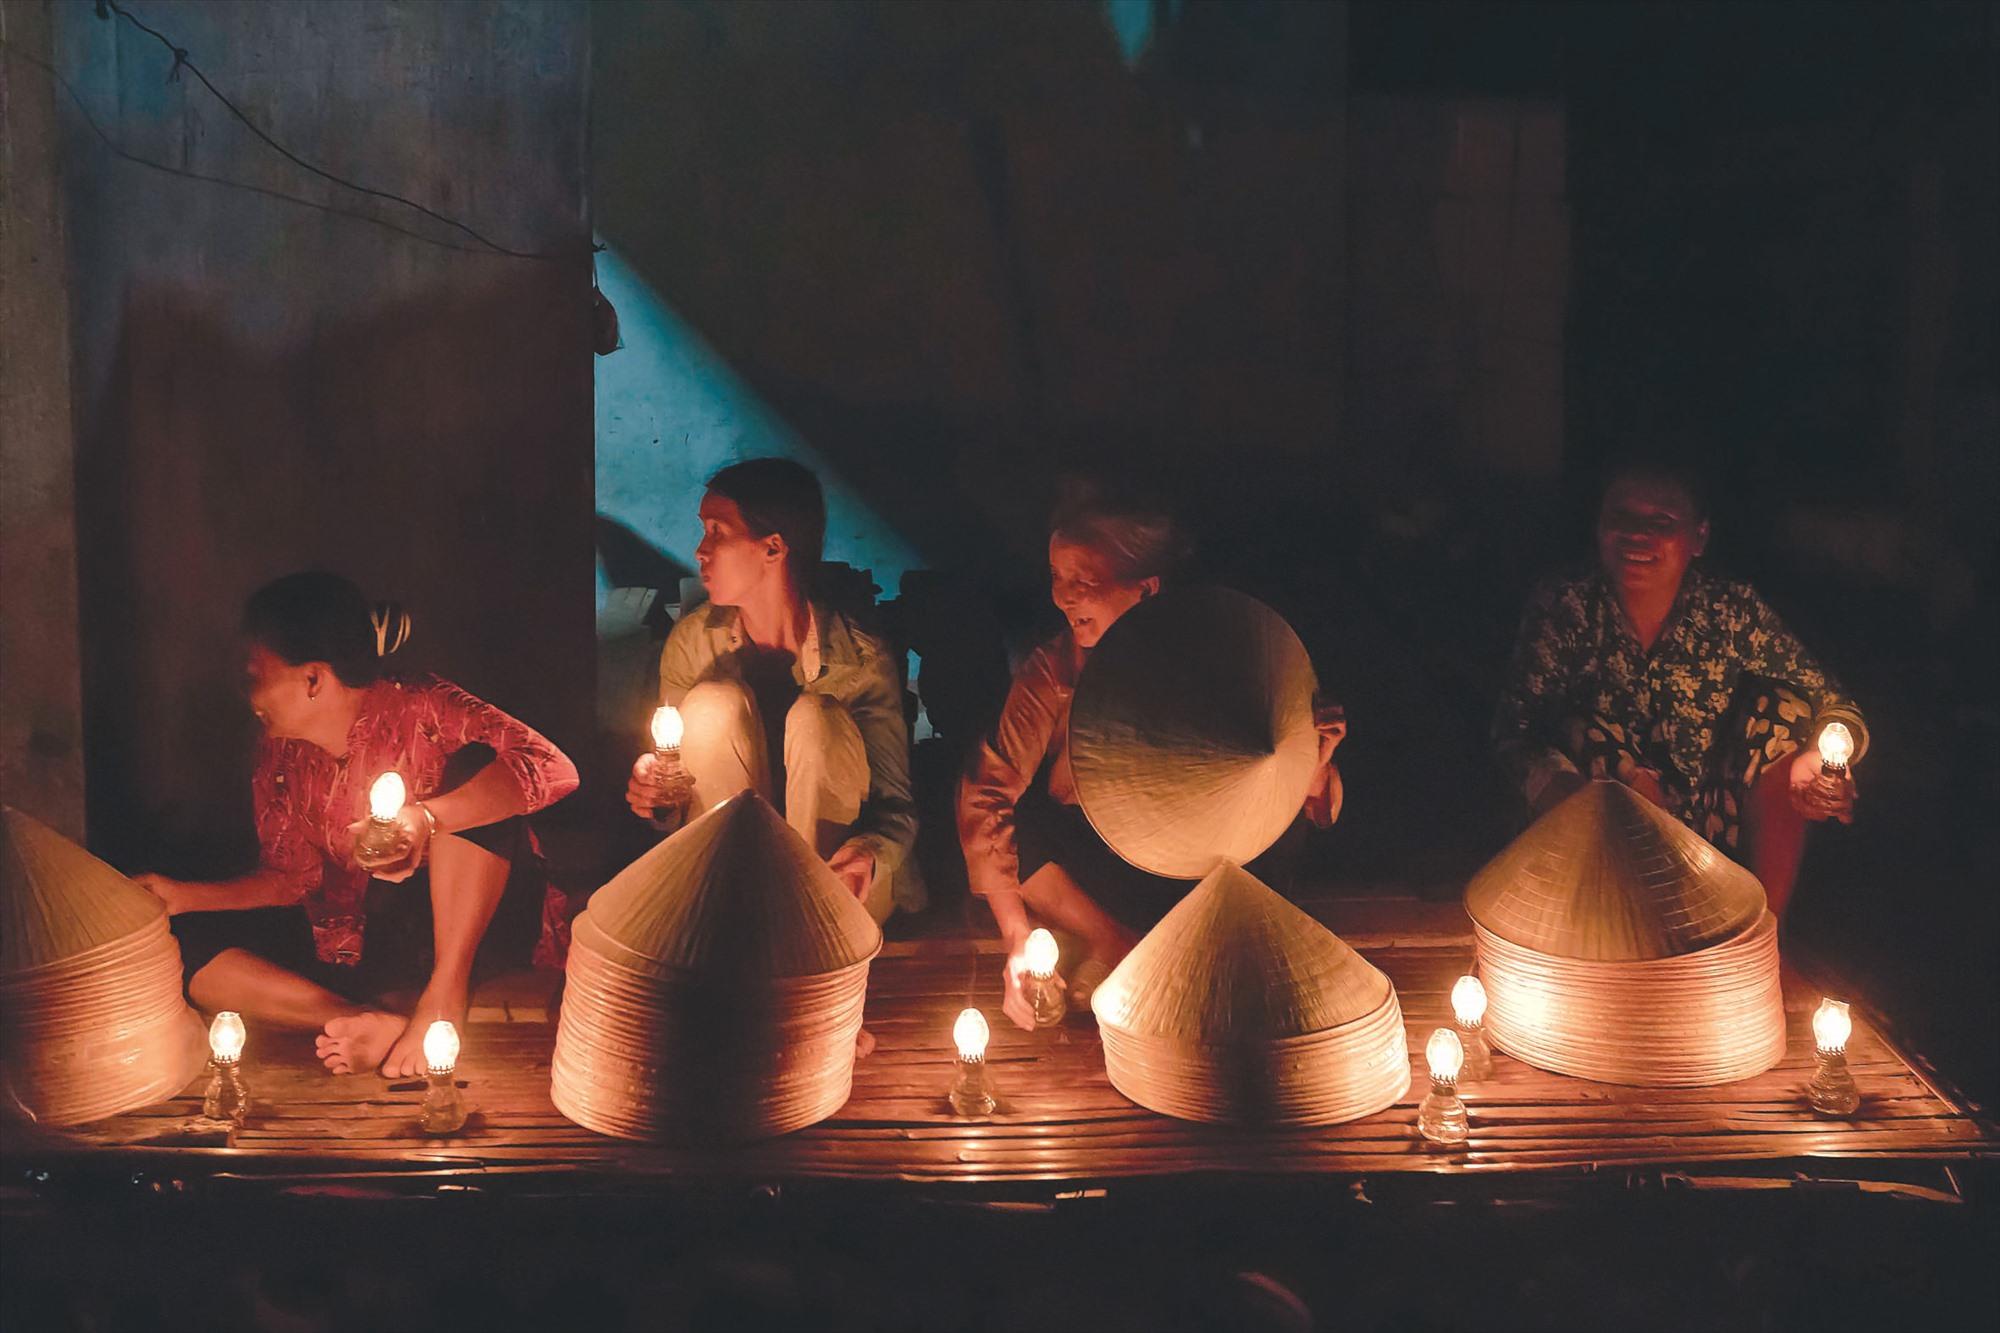 Chợ họp vào ban đêm, với phần lớn là các bà, các mẹ đã hàng chục năm gắn bó với nghề làm nón lá.